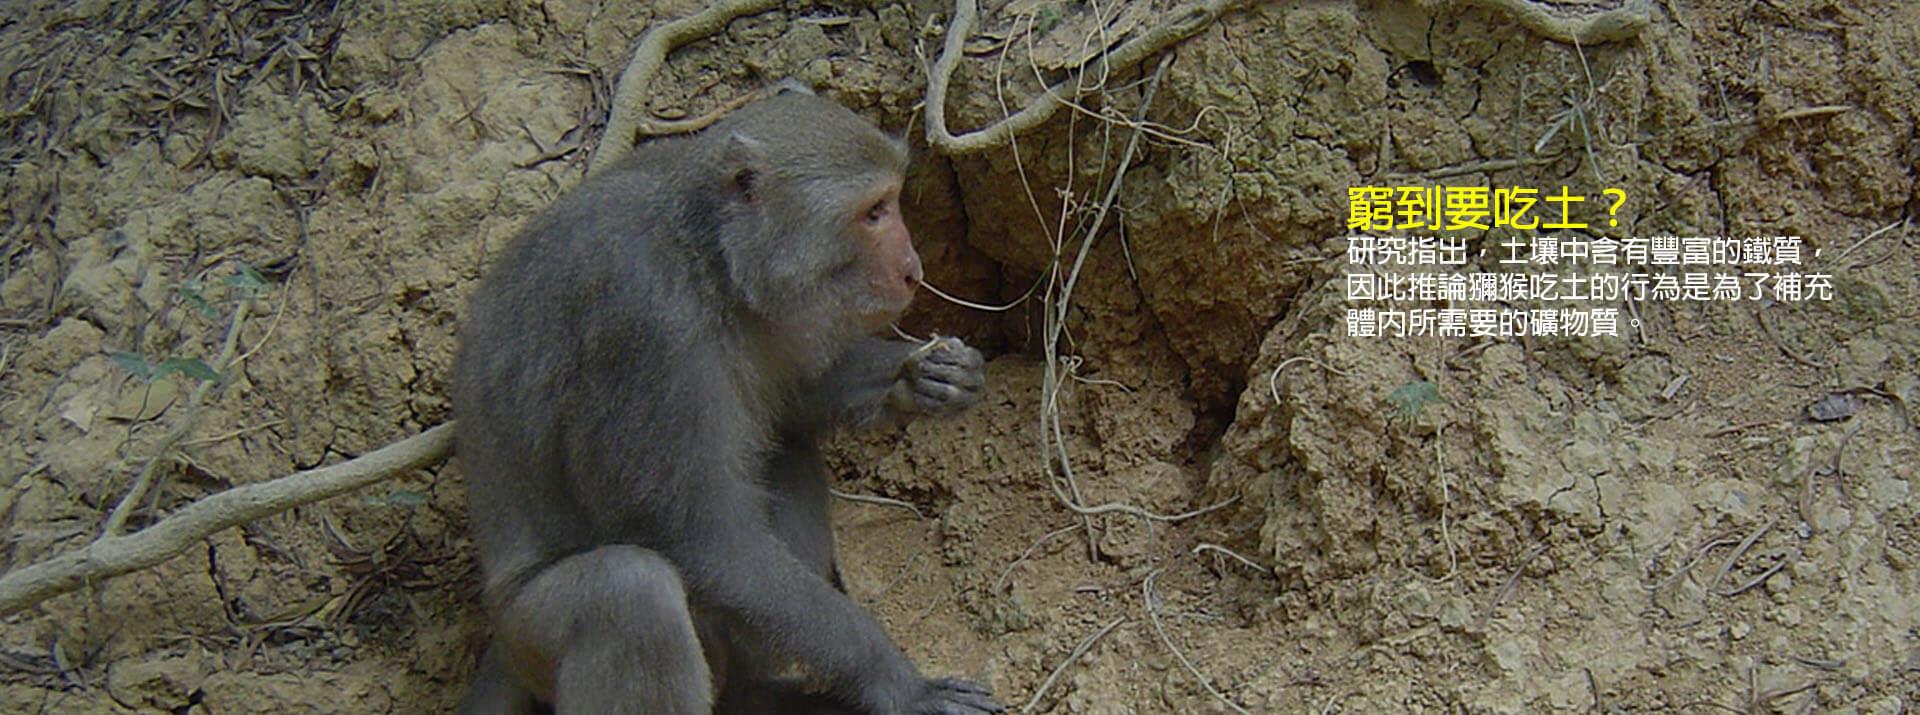 獼猴會吃土-你知道嗎?